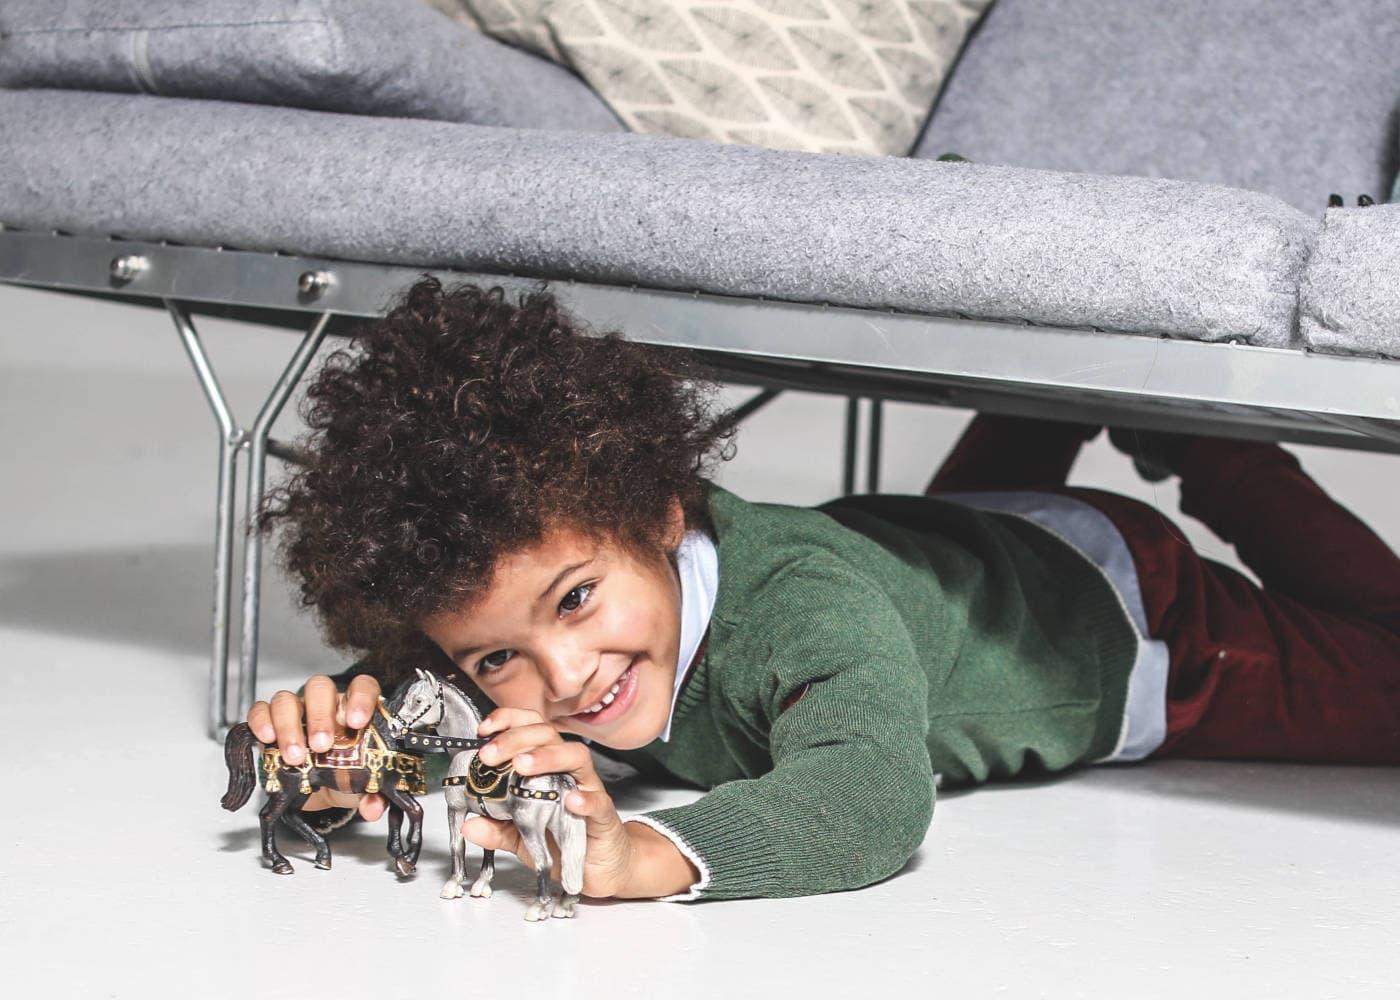 Gutes Spielzeug für Kinder: Schleich-Figuren und Tiere // HIMBEER